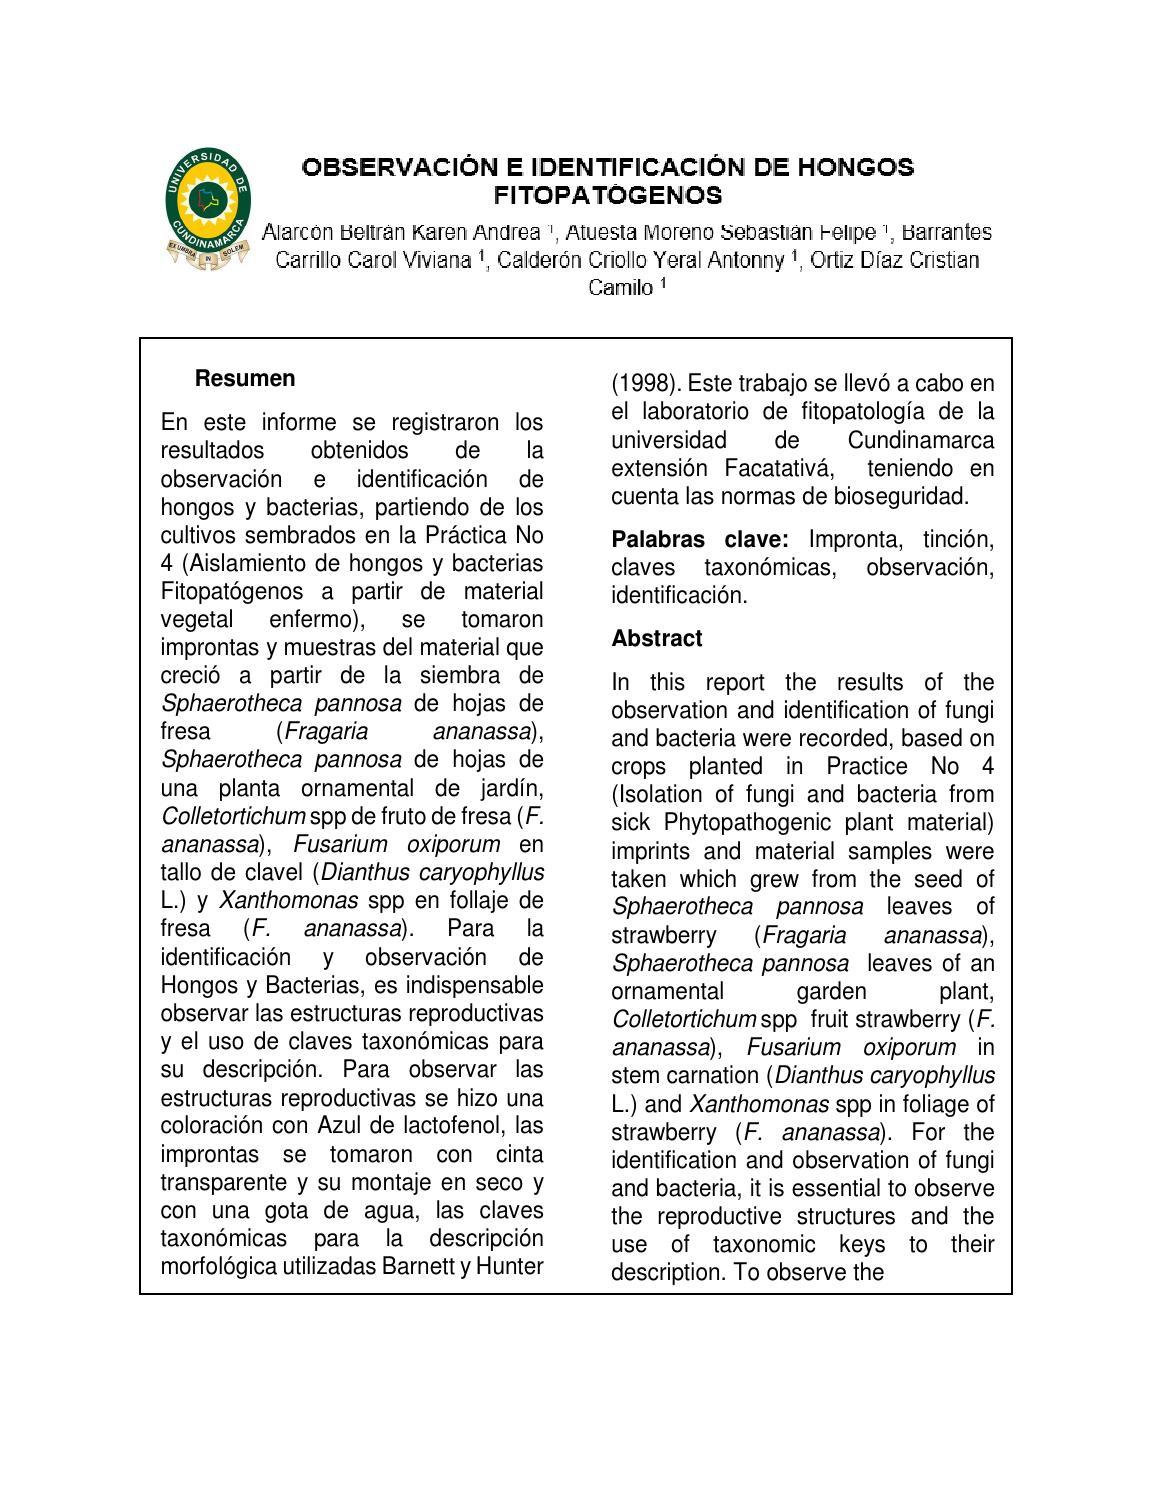 Observación E Identificación De Hongos Fitopatogenos By